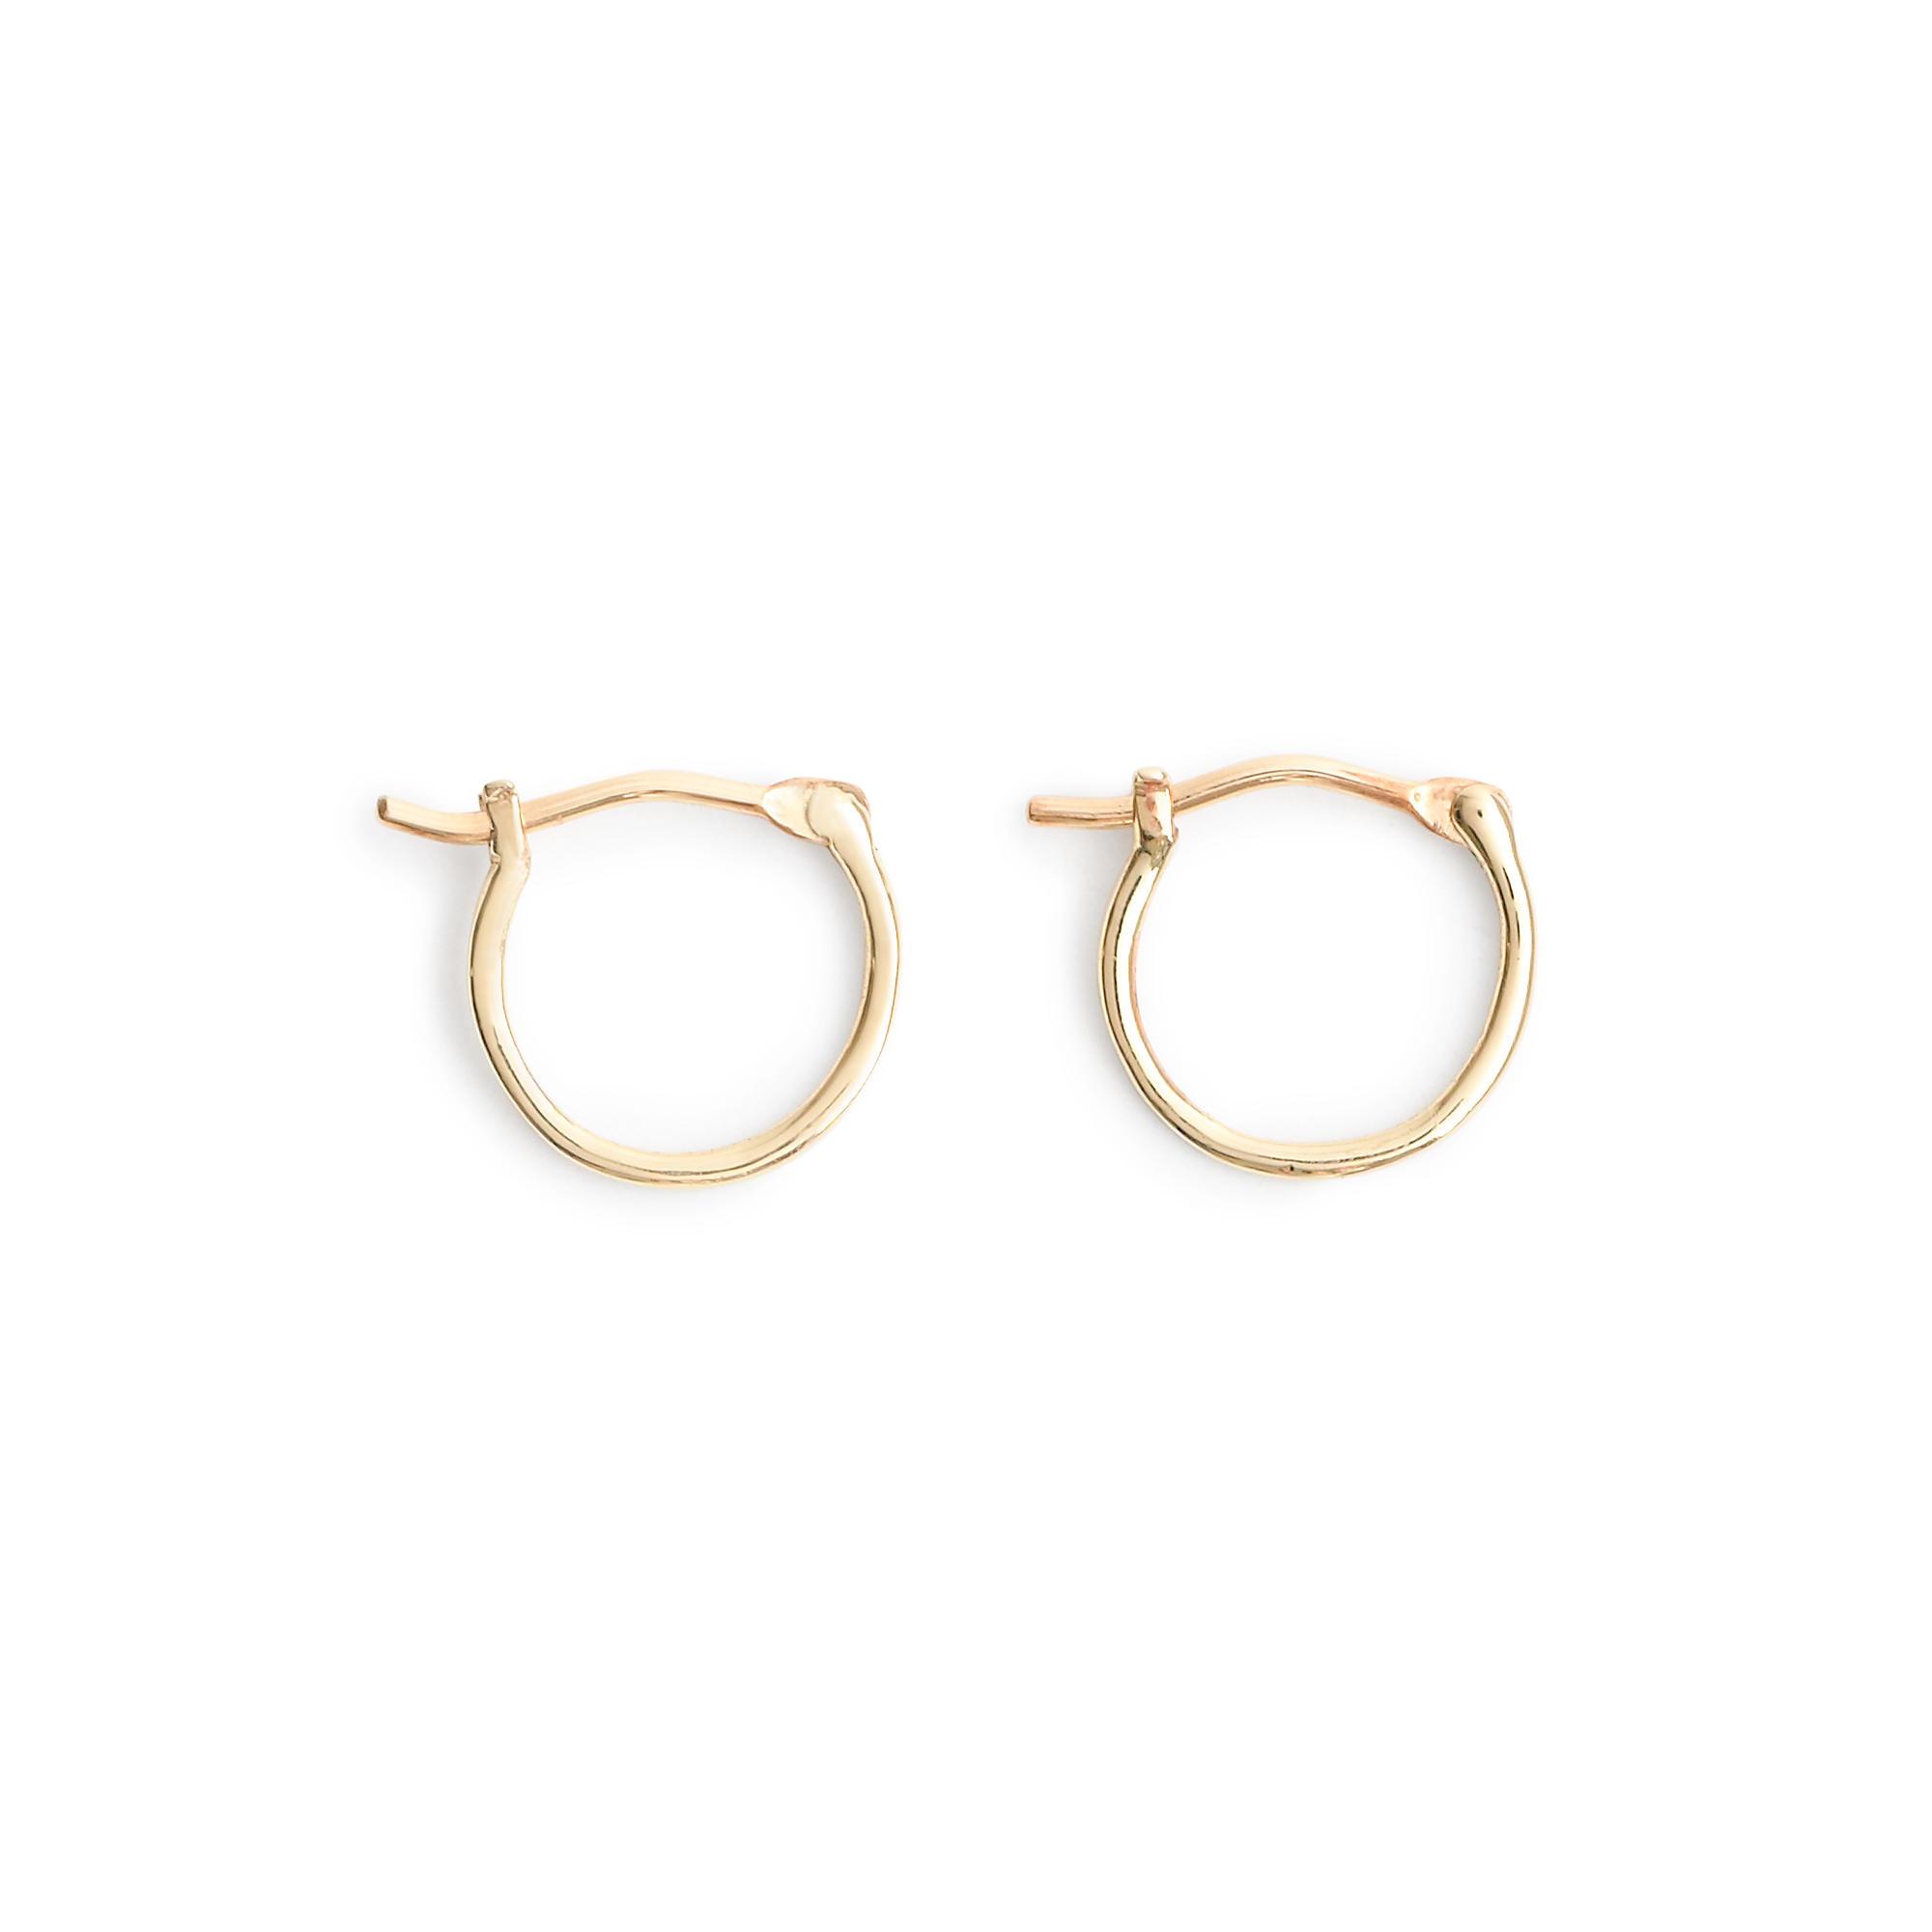 Original 18K Yellow Gold Filled Women Jewelry Small Hoop Earrings 067 | EBay